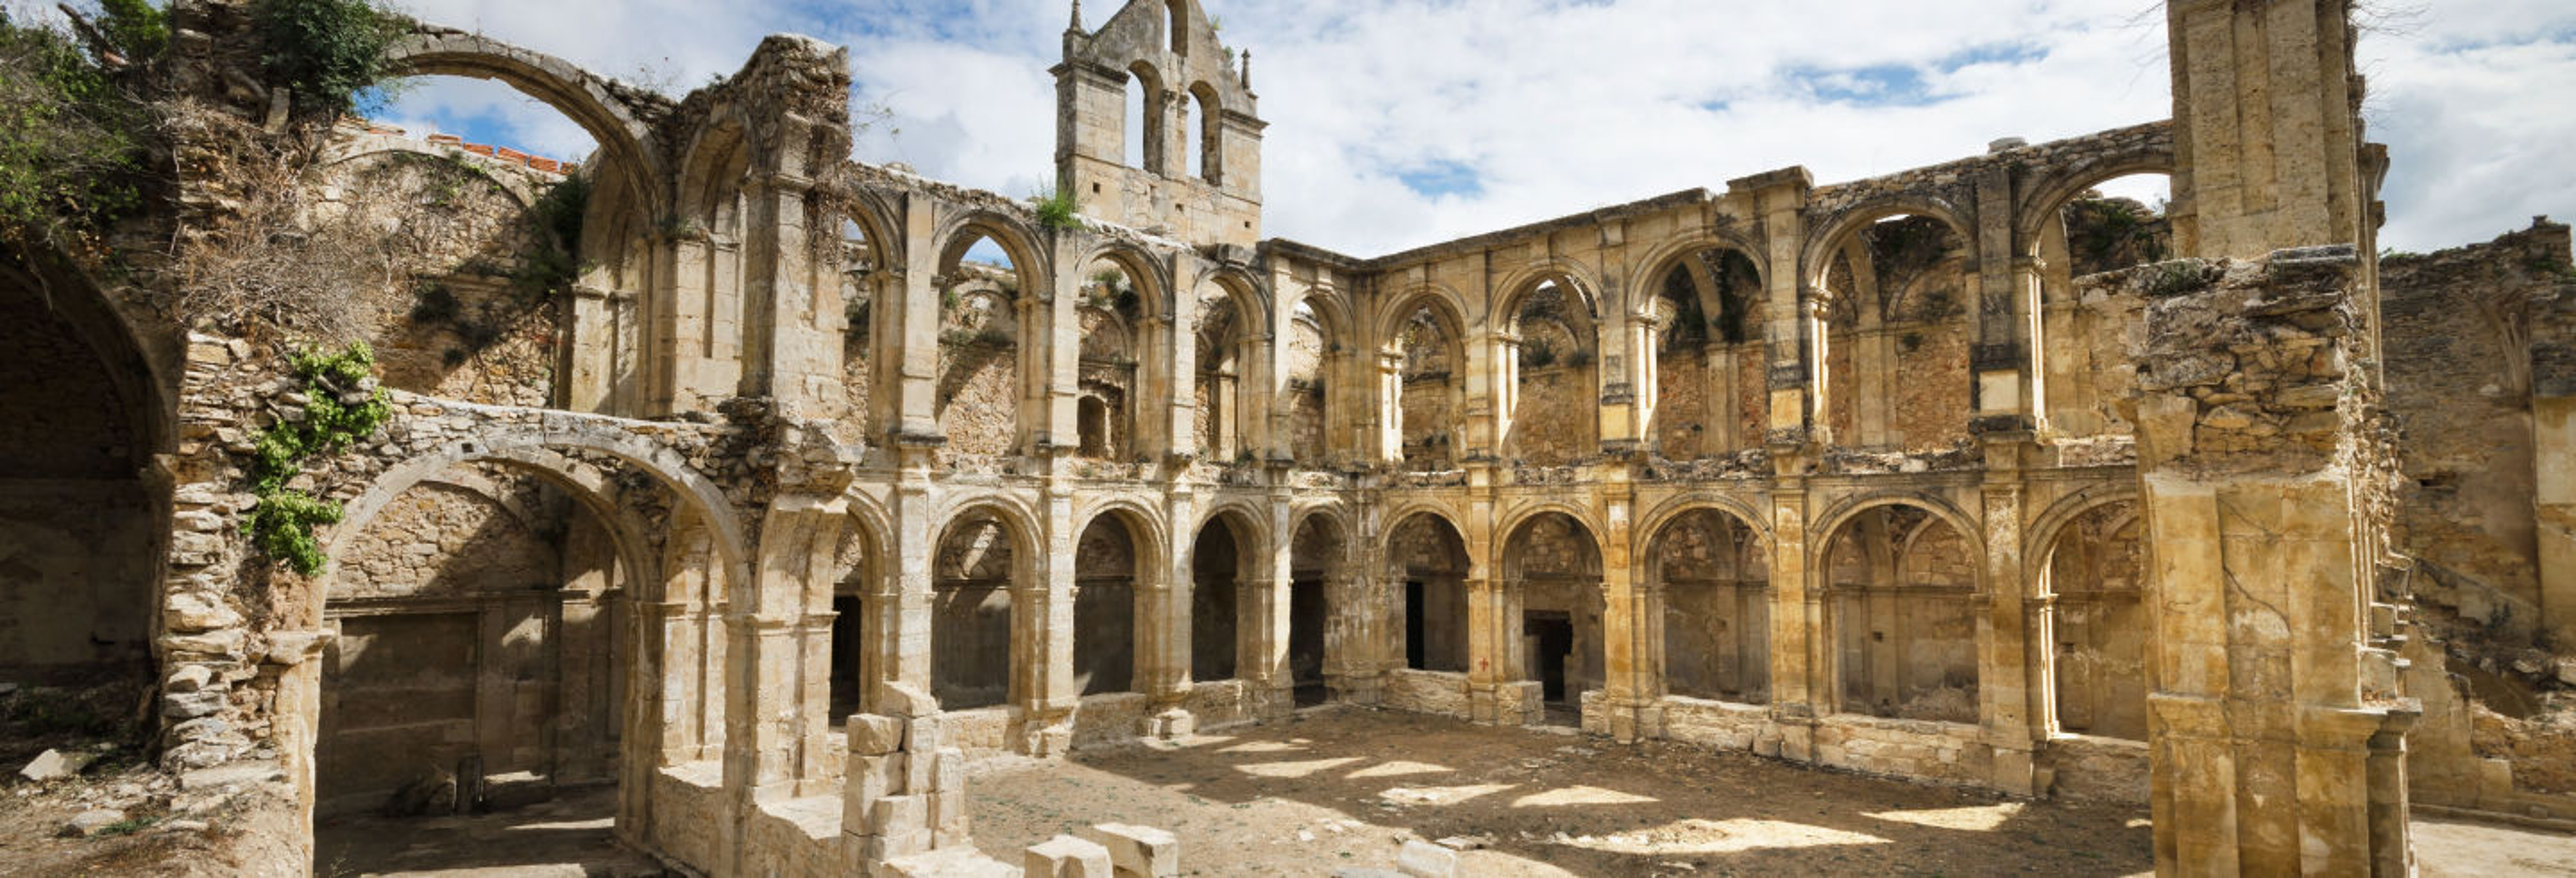 Monasterios de Oña y Rioseco + Iglesia de Santa Olalla de Espinosa